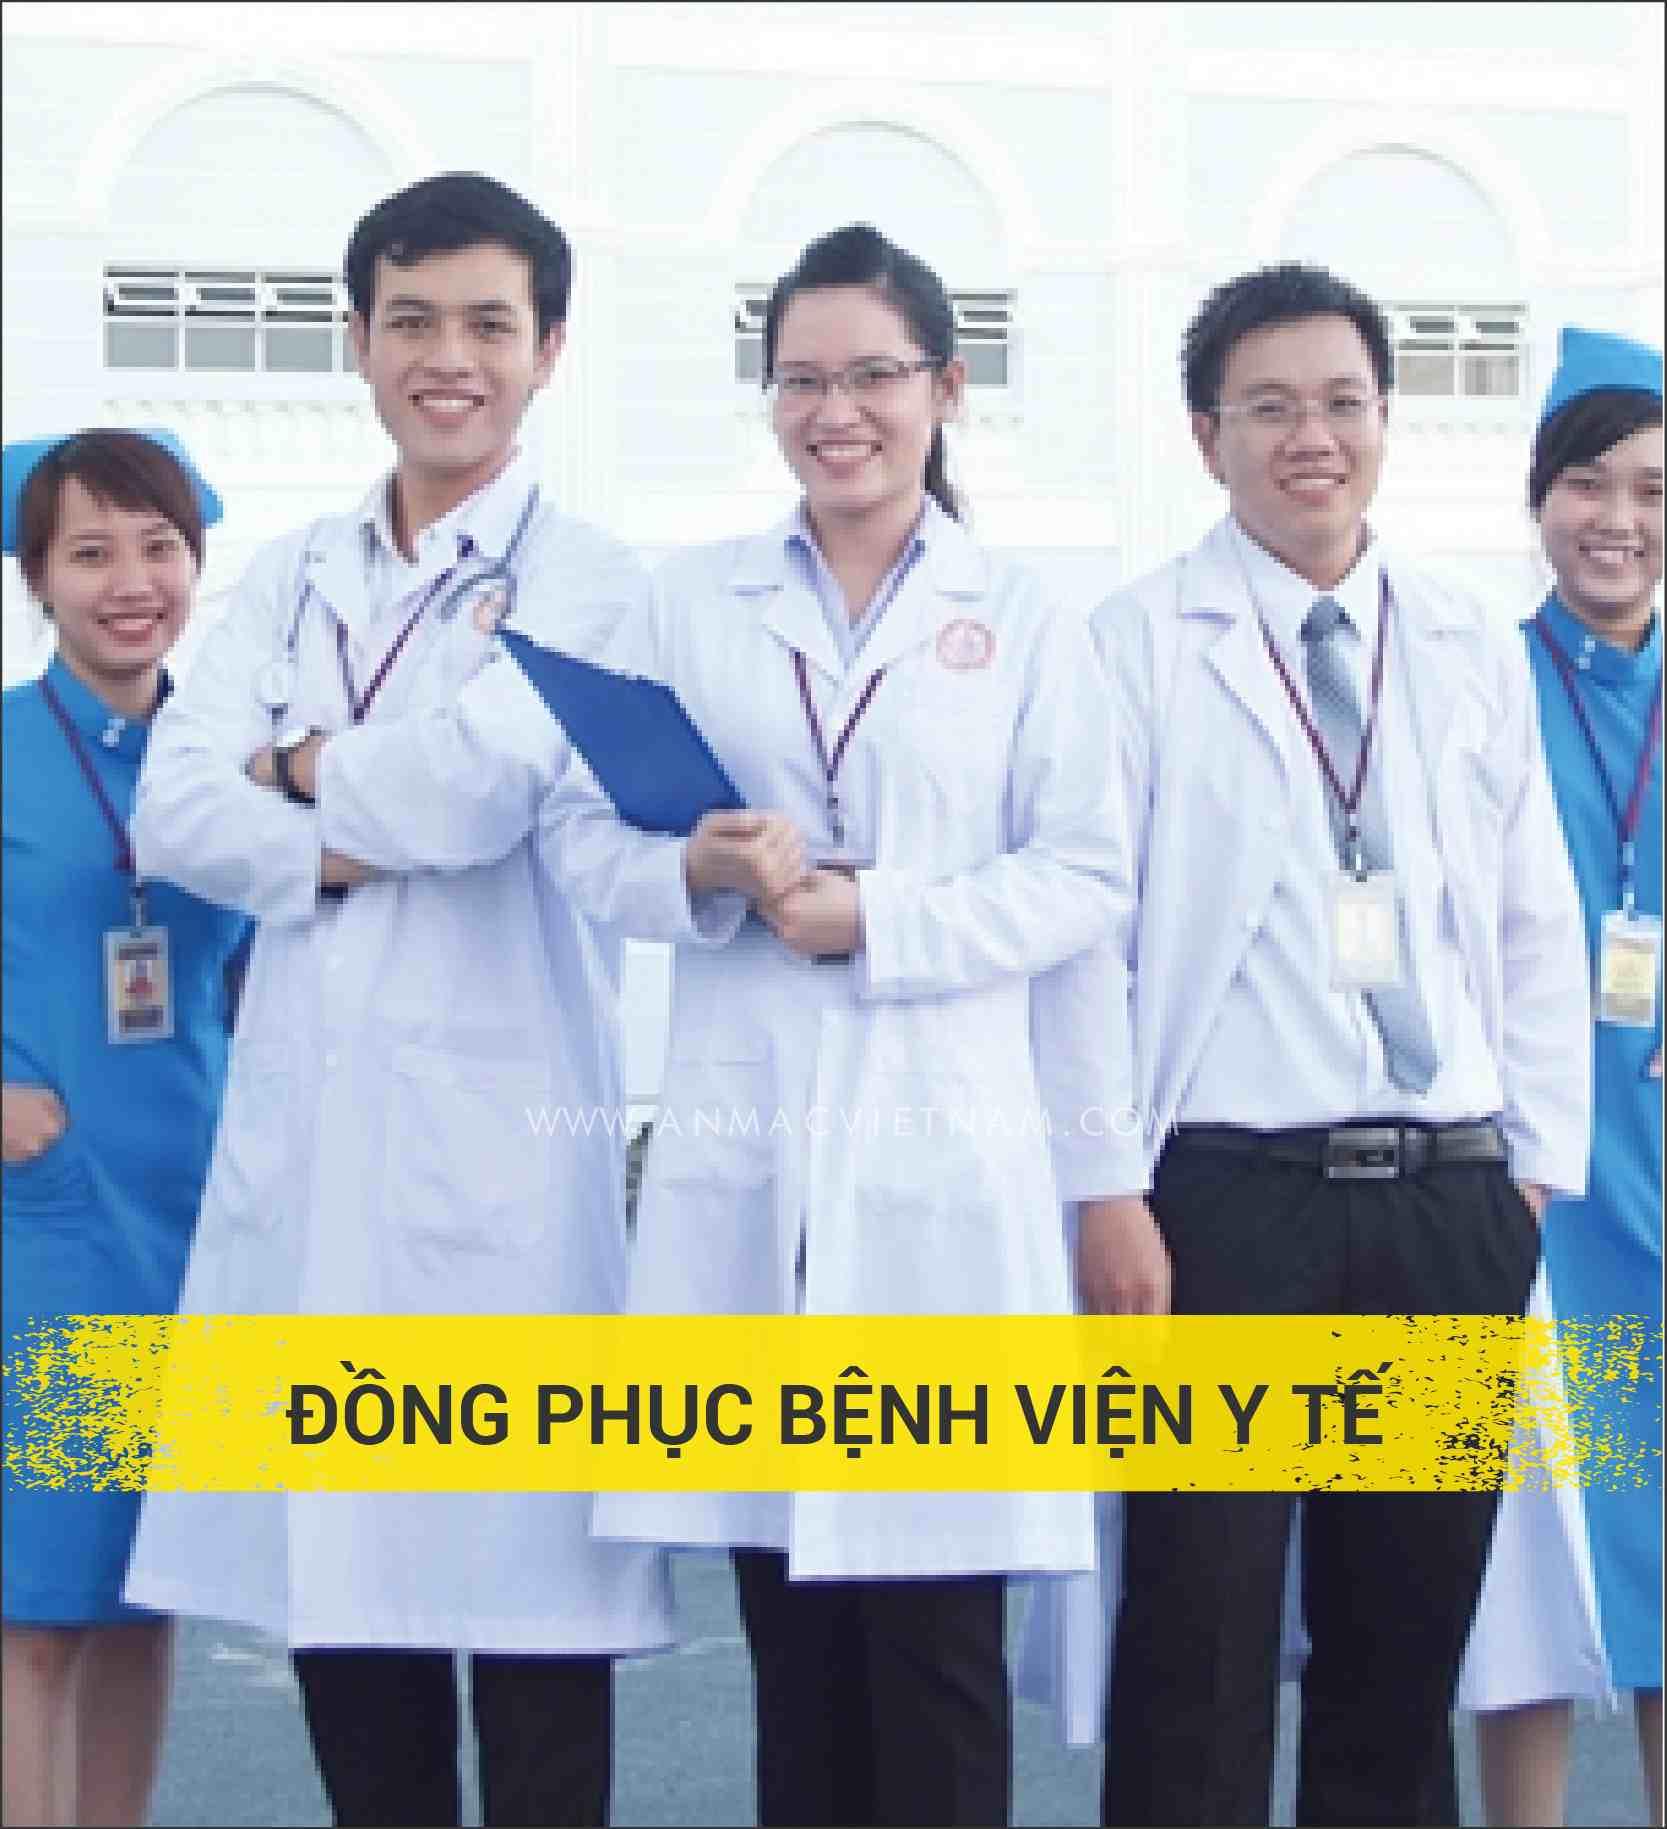 dong-phuc-benh-vien-y-te Danh mục sản phẩm theo ngành